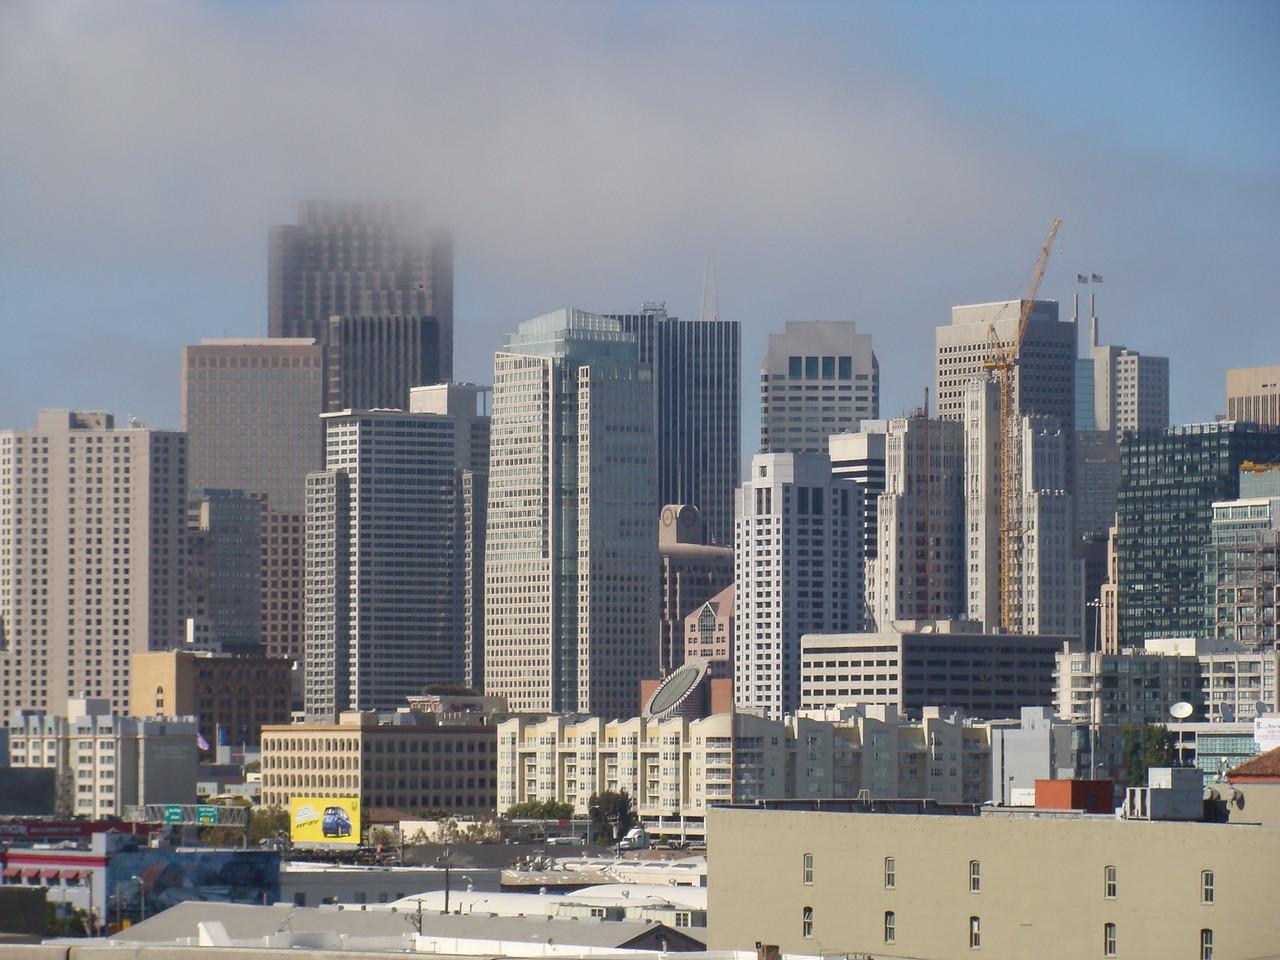 Fog Rolls into San Francisco